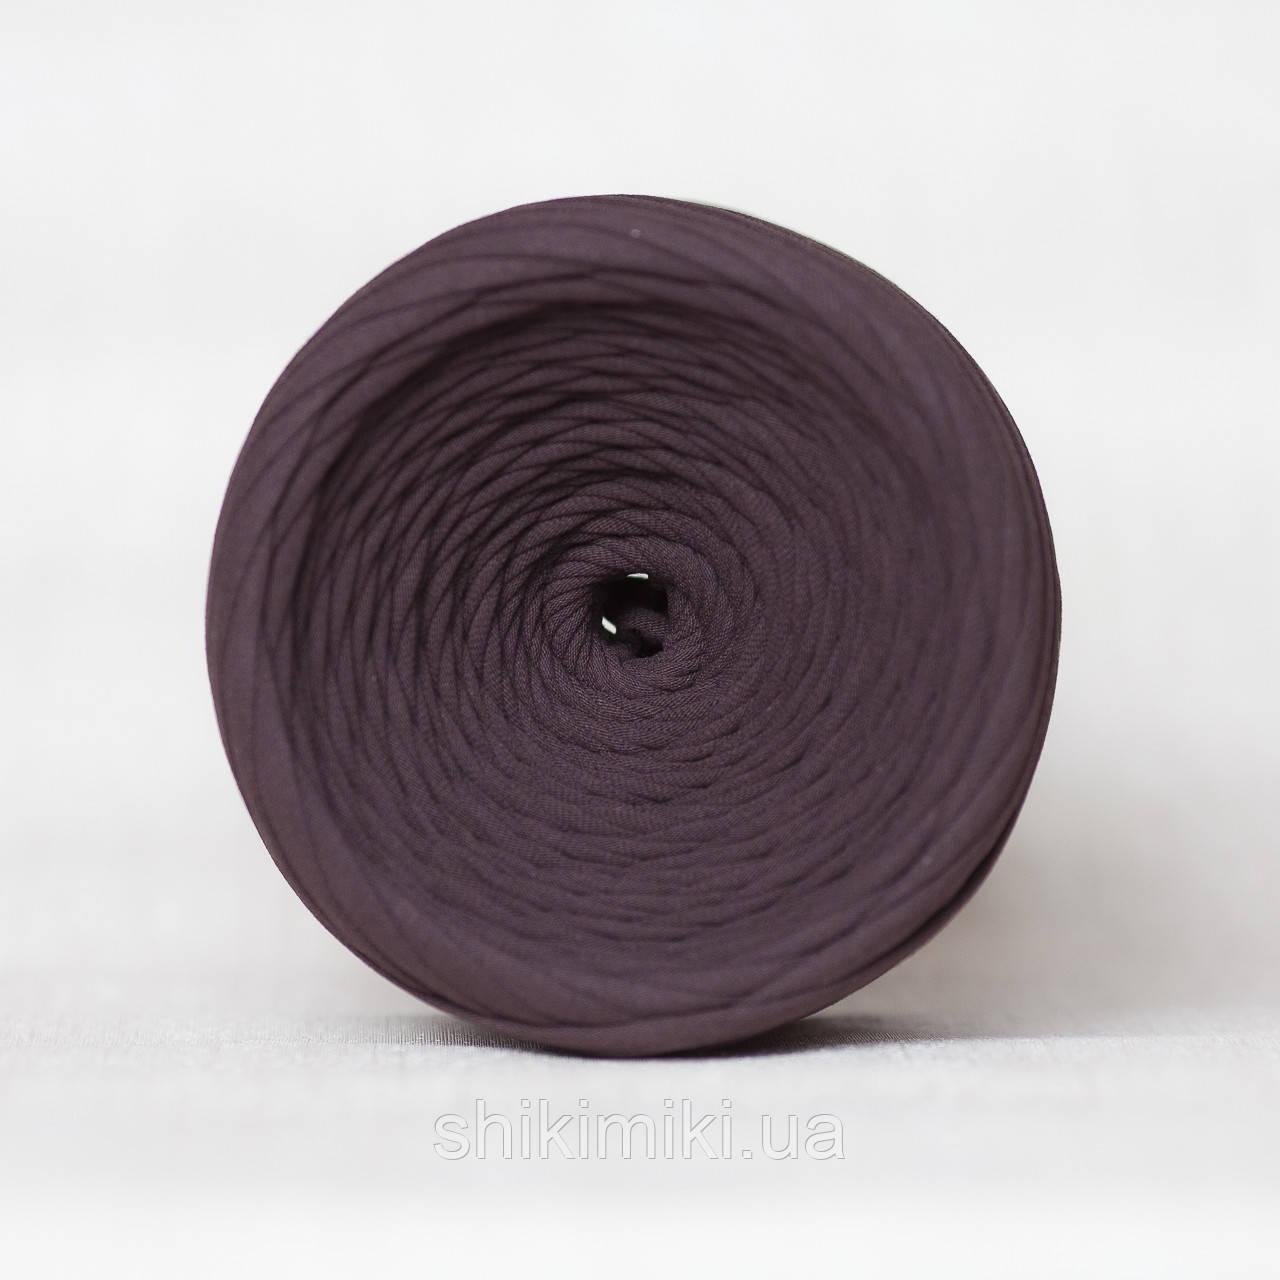 Трикотажная пряжа (50 м), цвет Шоколад